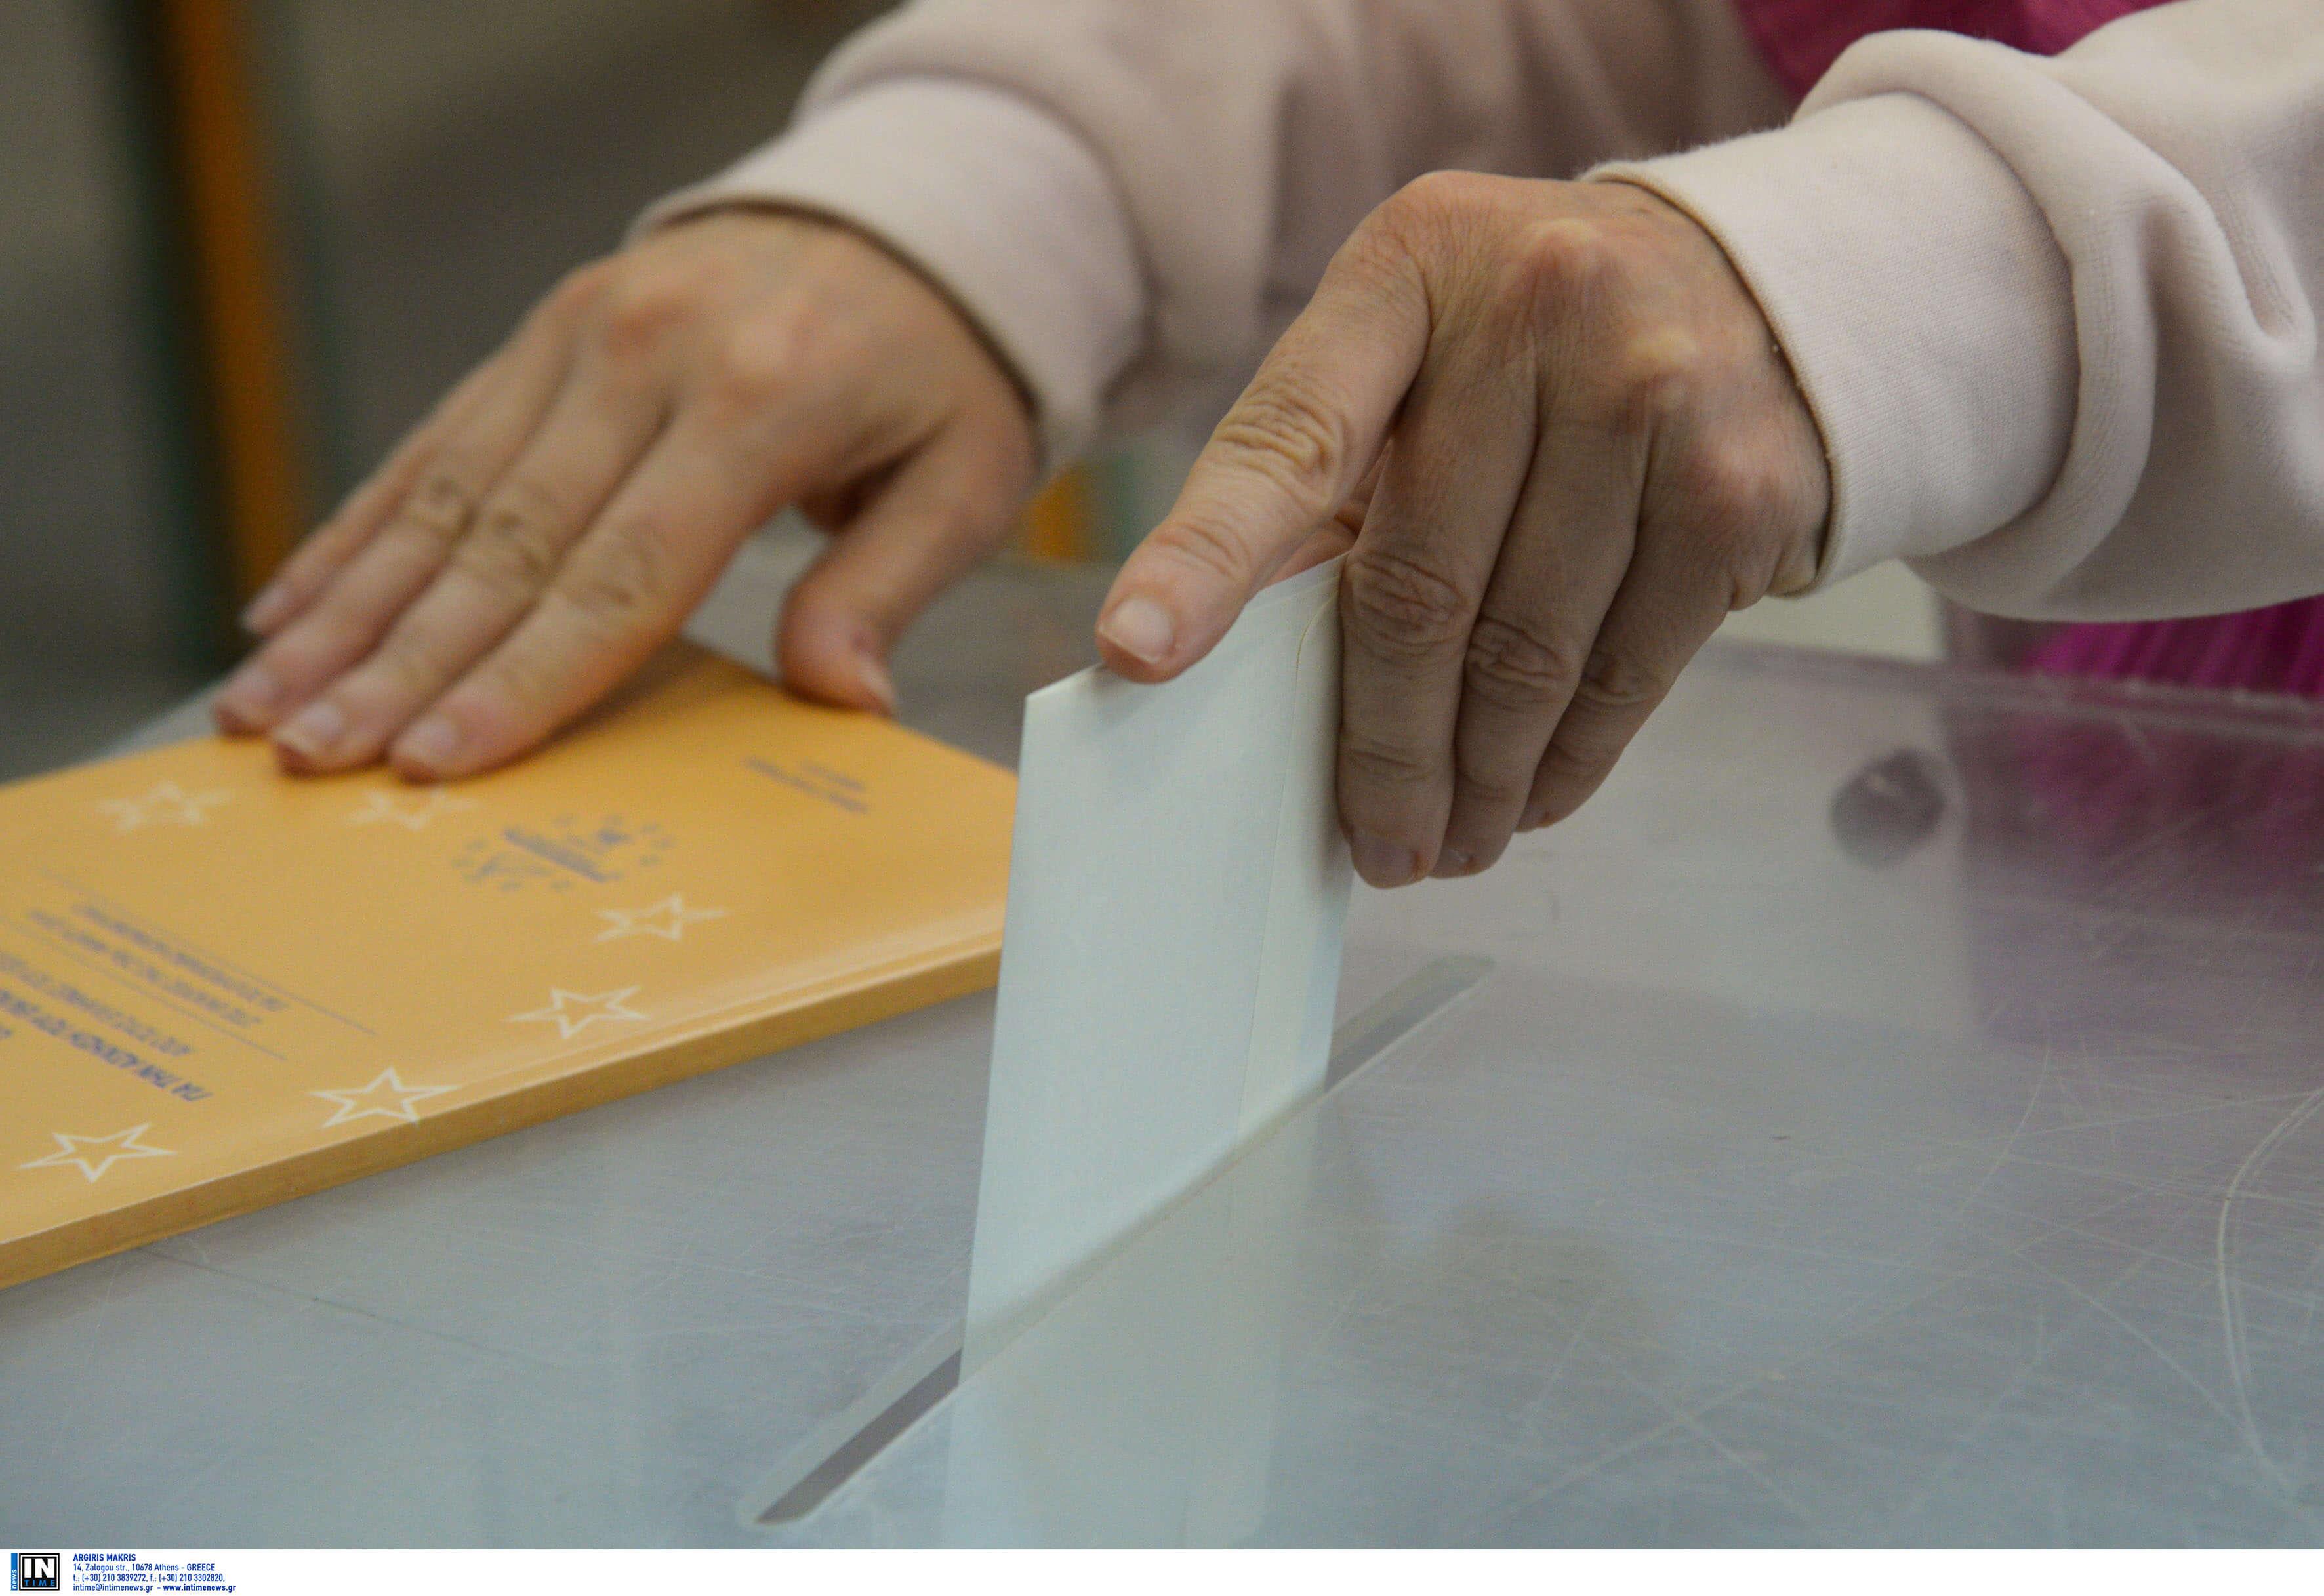 Ευρωεκλογές 2019: Δημοσιεύθηκε στο ΦΕΚ το Προεδρικό Διάταγμα των ευρωεκλογών